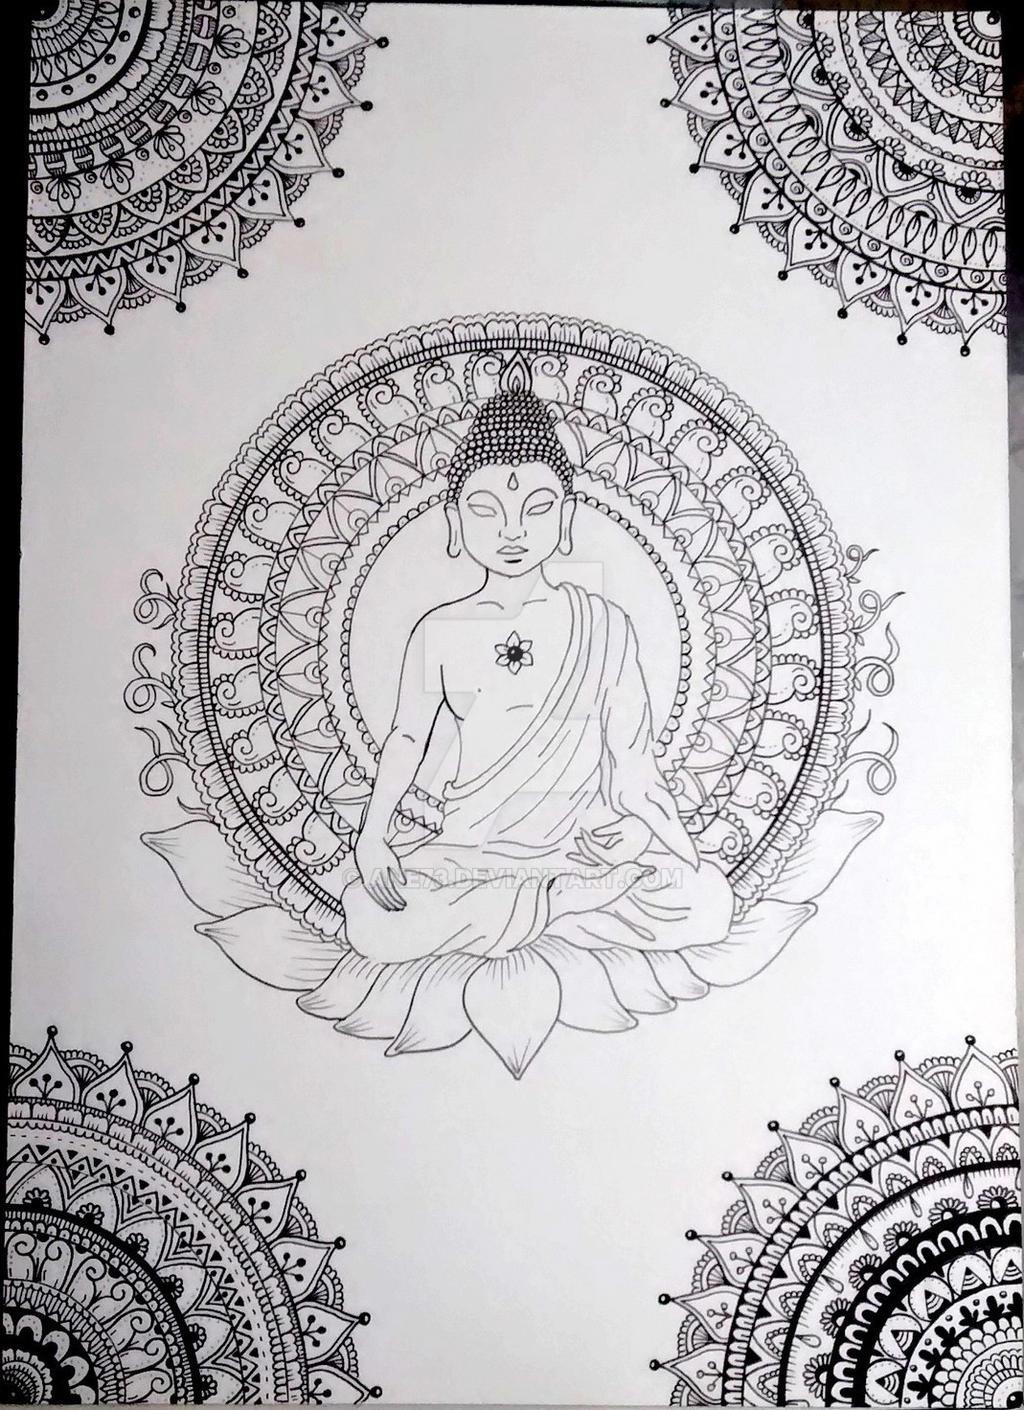 Buddha by Ane73